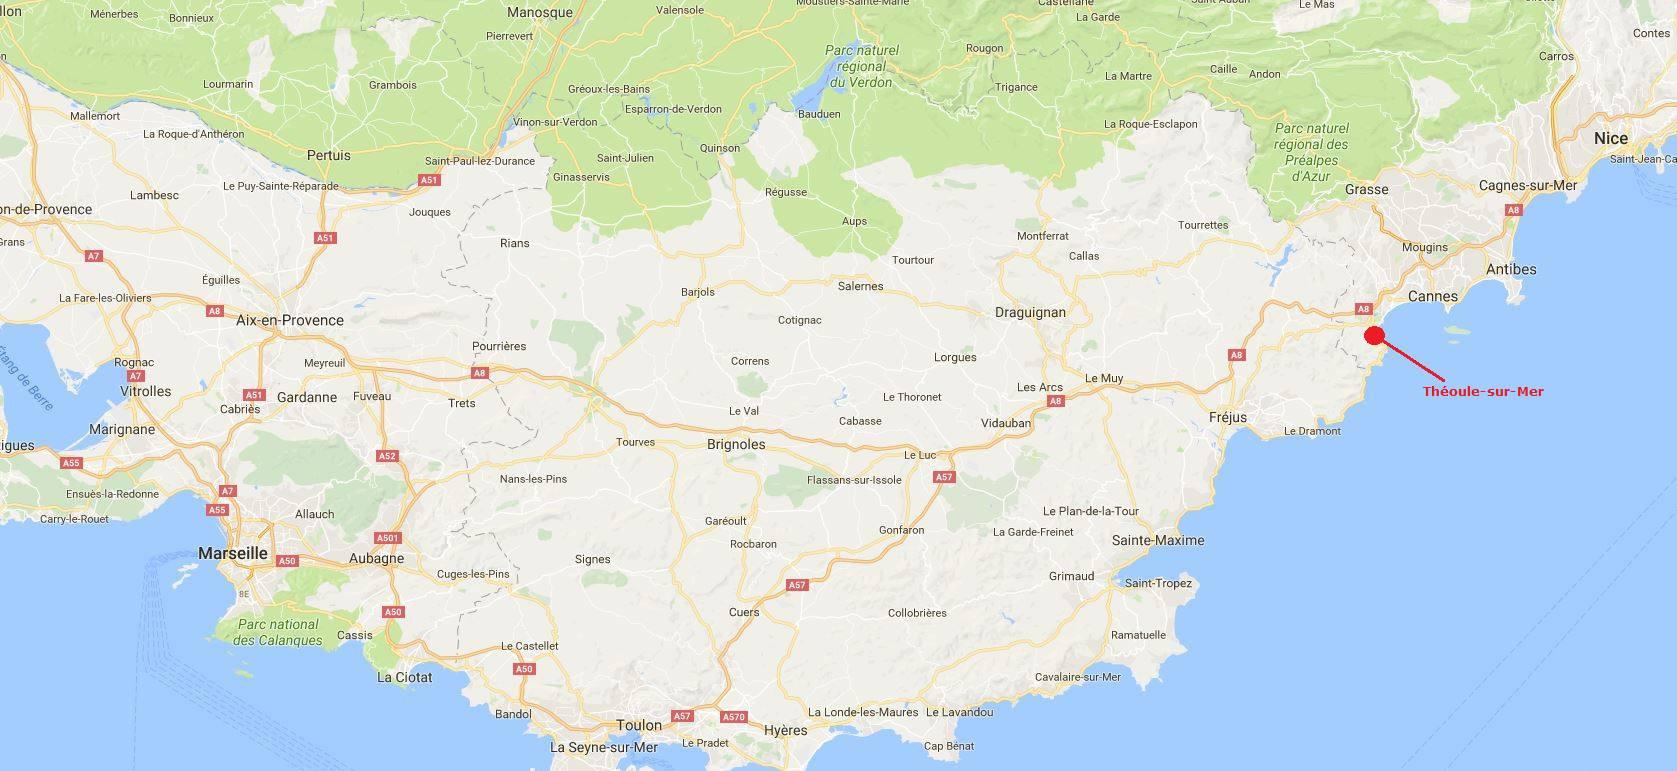 Où se trouve Théoule-sur-Mer sur une carte ?